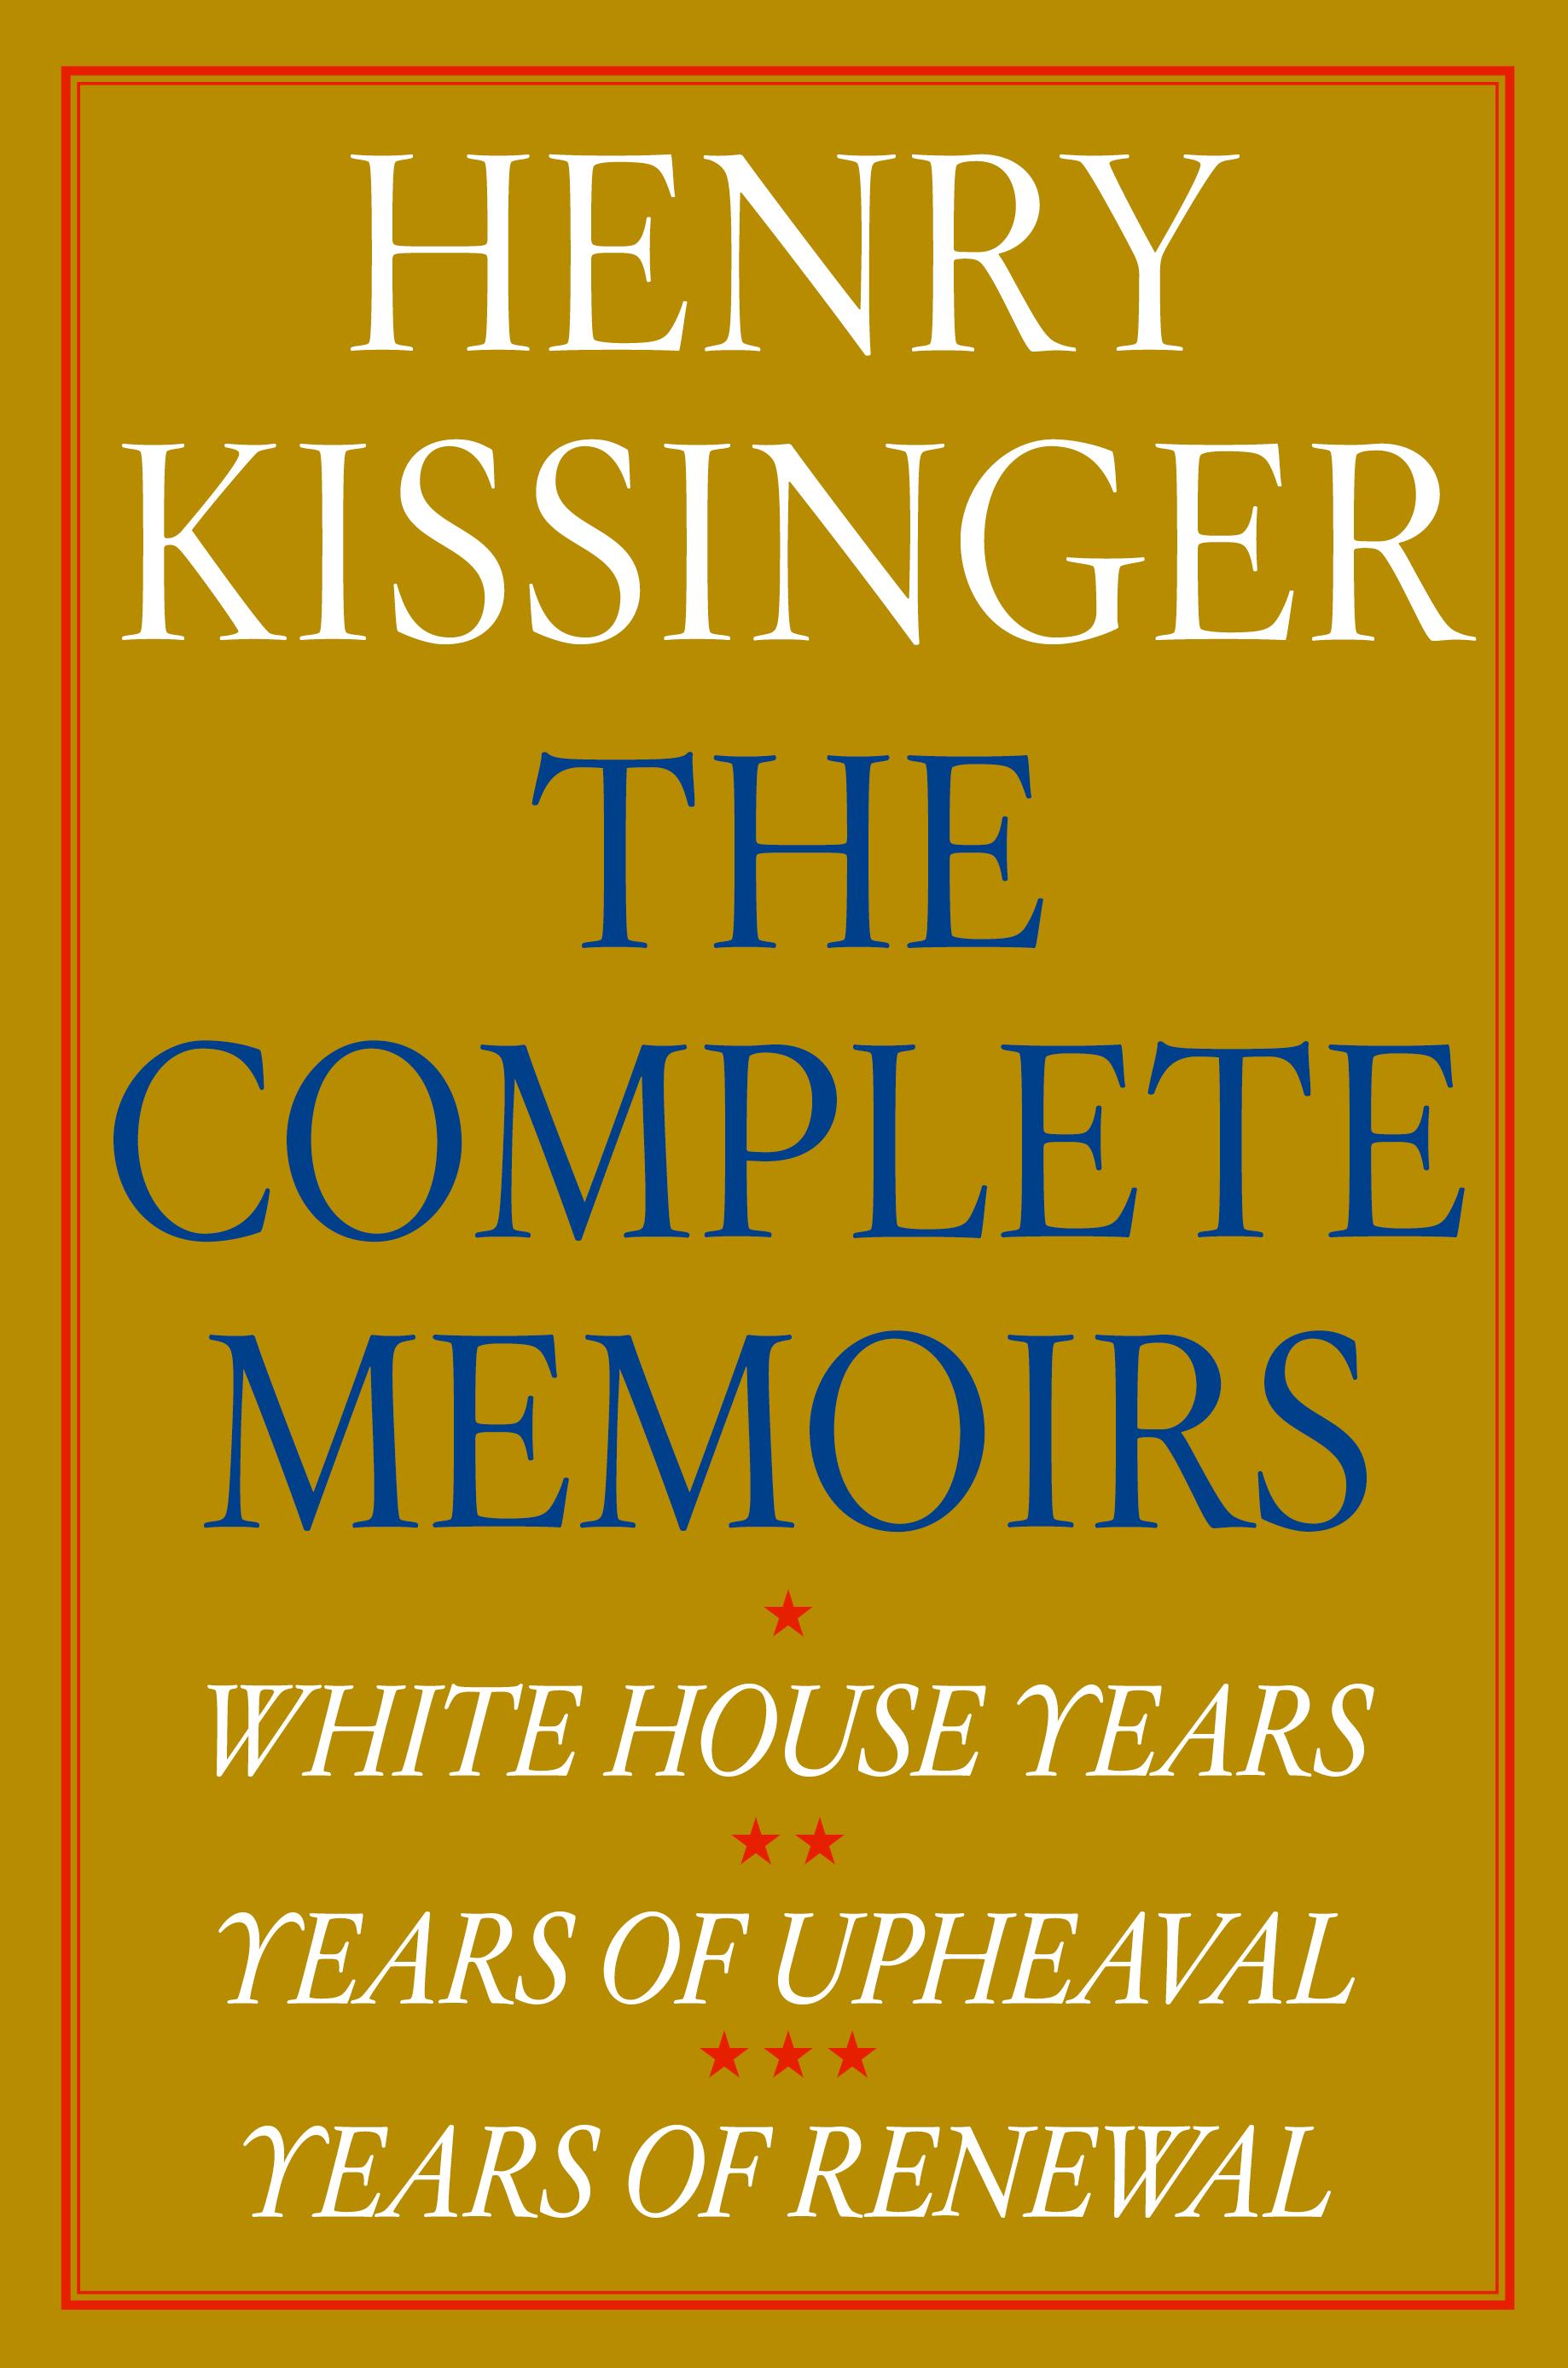 Henry kissinger diplomacy thesis